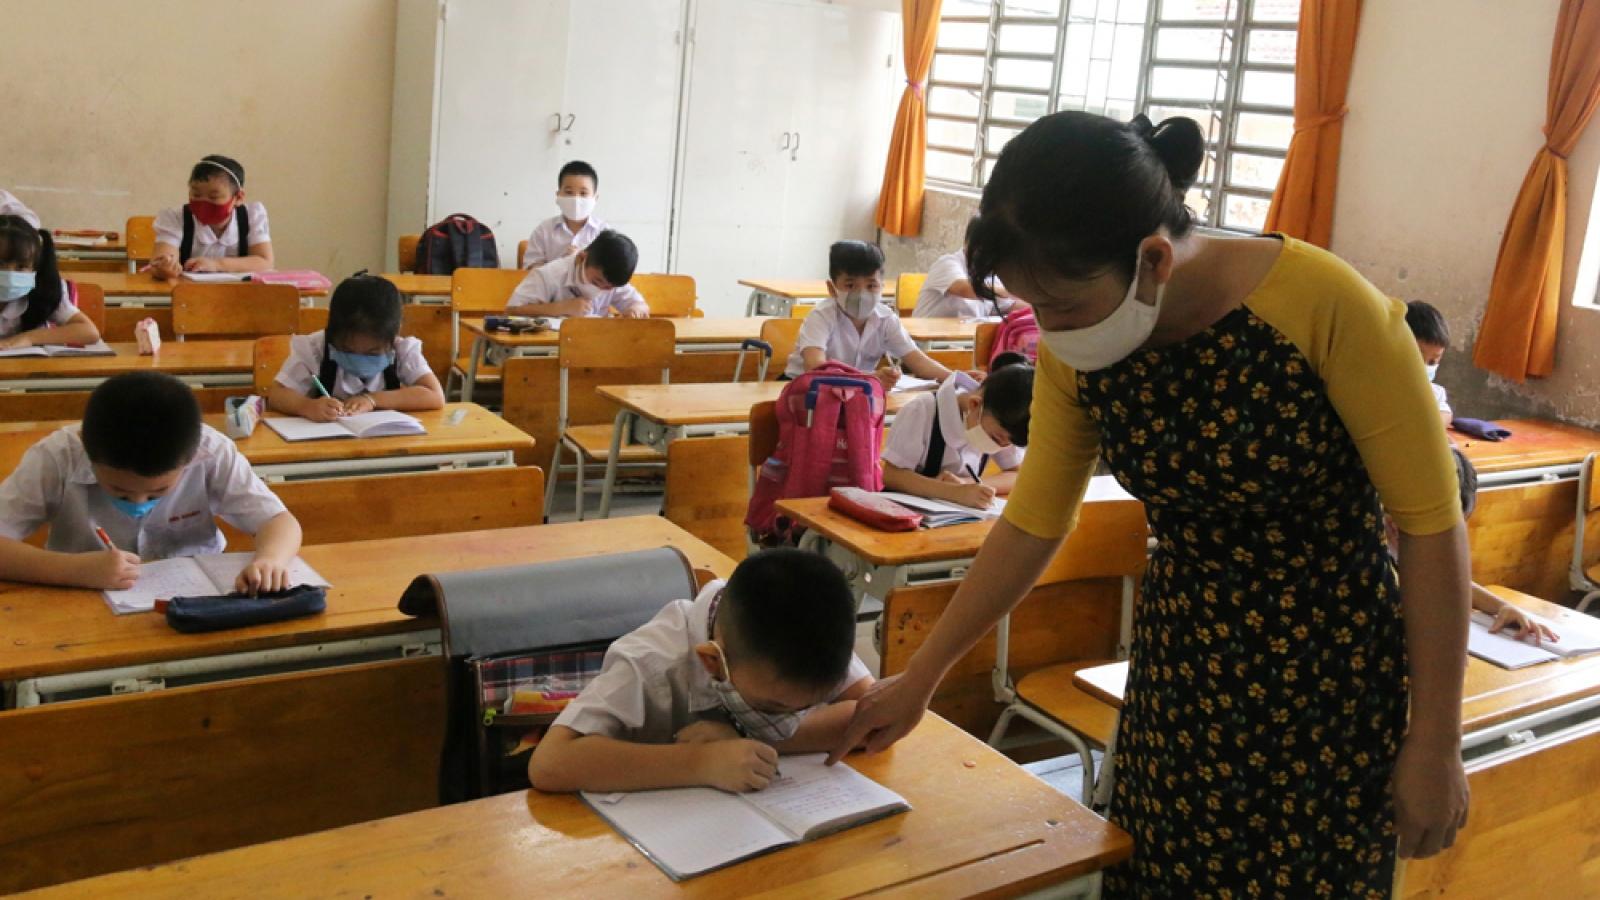 1 ca dương tính, Bình Dương gấp rút cho học sinh nghỉ học